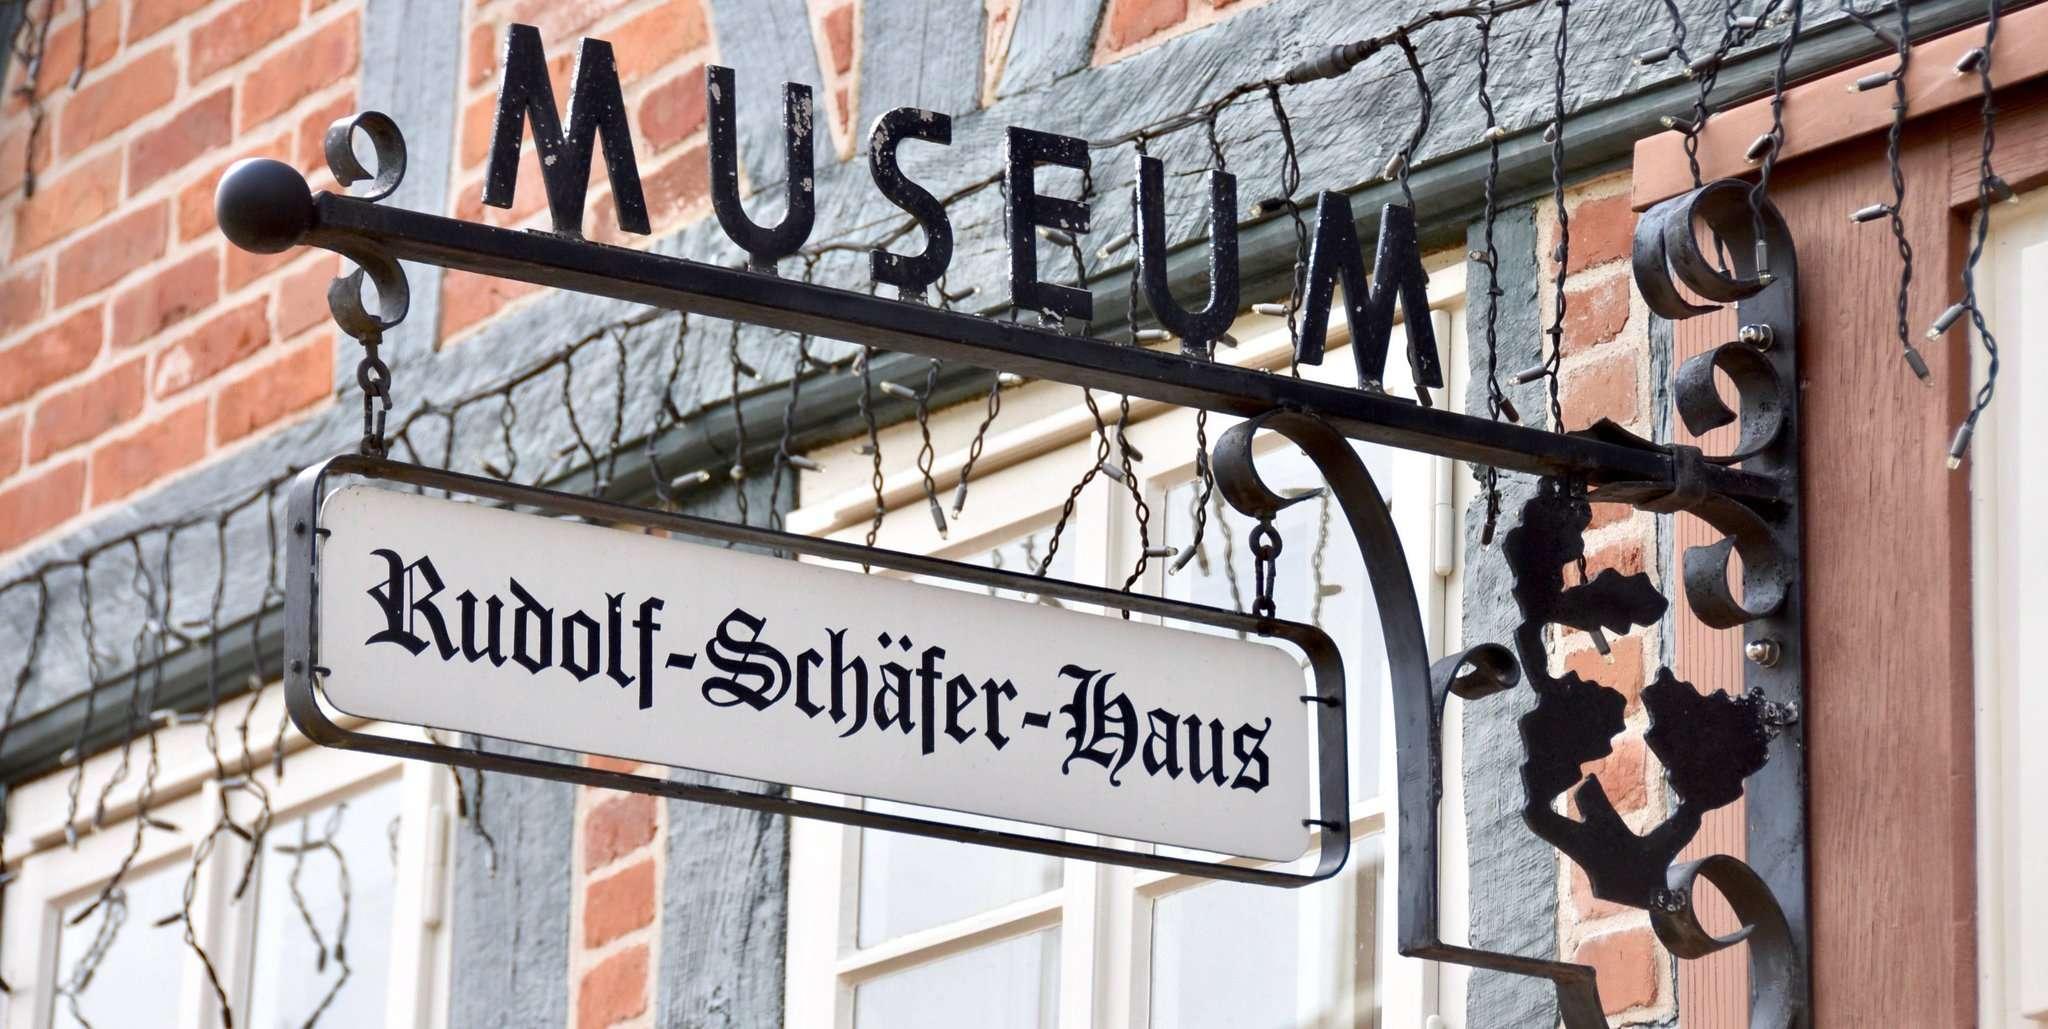 Es tut sich was unter dem eisernen Schild am Rudolf-Schäfer-Haus.